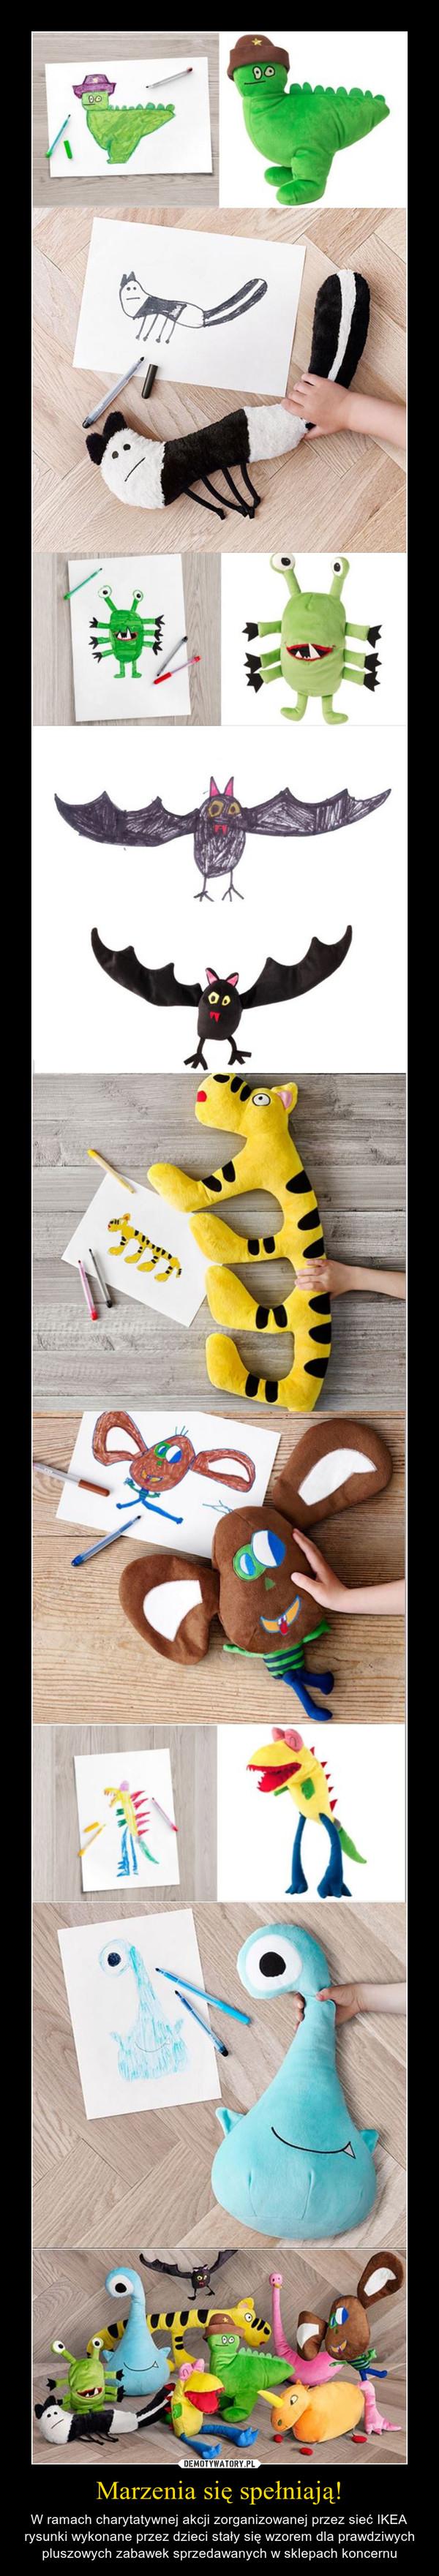 Marzenia się spełniają! – W ramach charytatywnej akcji zorganizowanej przez sieć IKEA rysunki wykonane przez dzieci stały się wzorem dla prawdziwych pluszowych zabawek sprzedawanych w sklepach koncernu